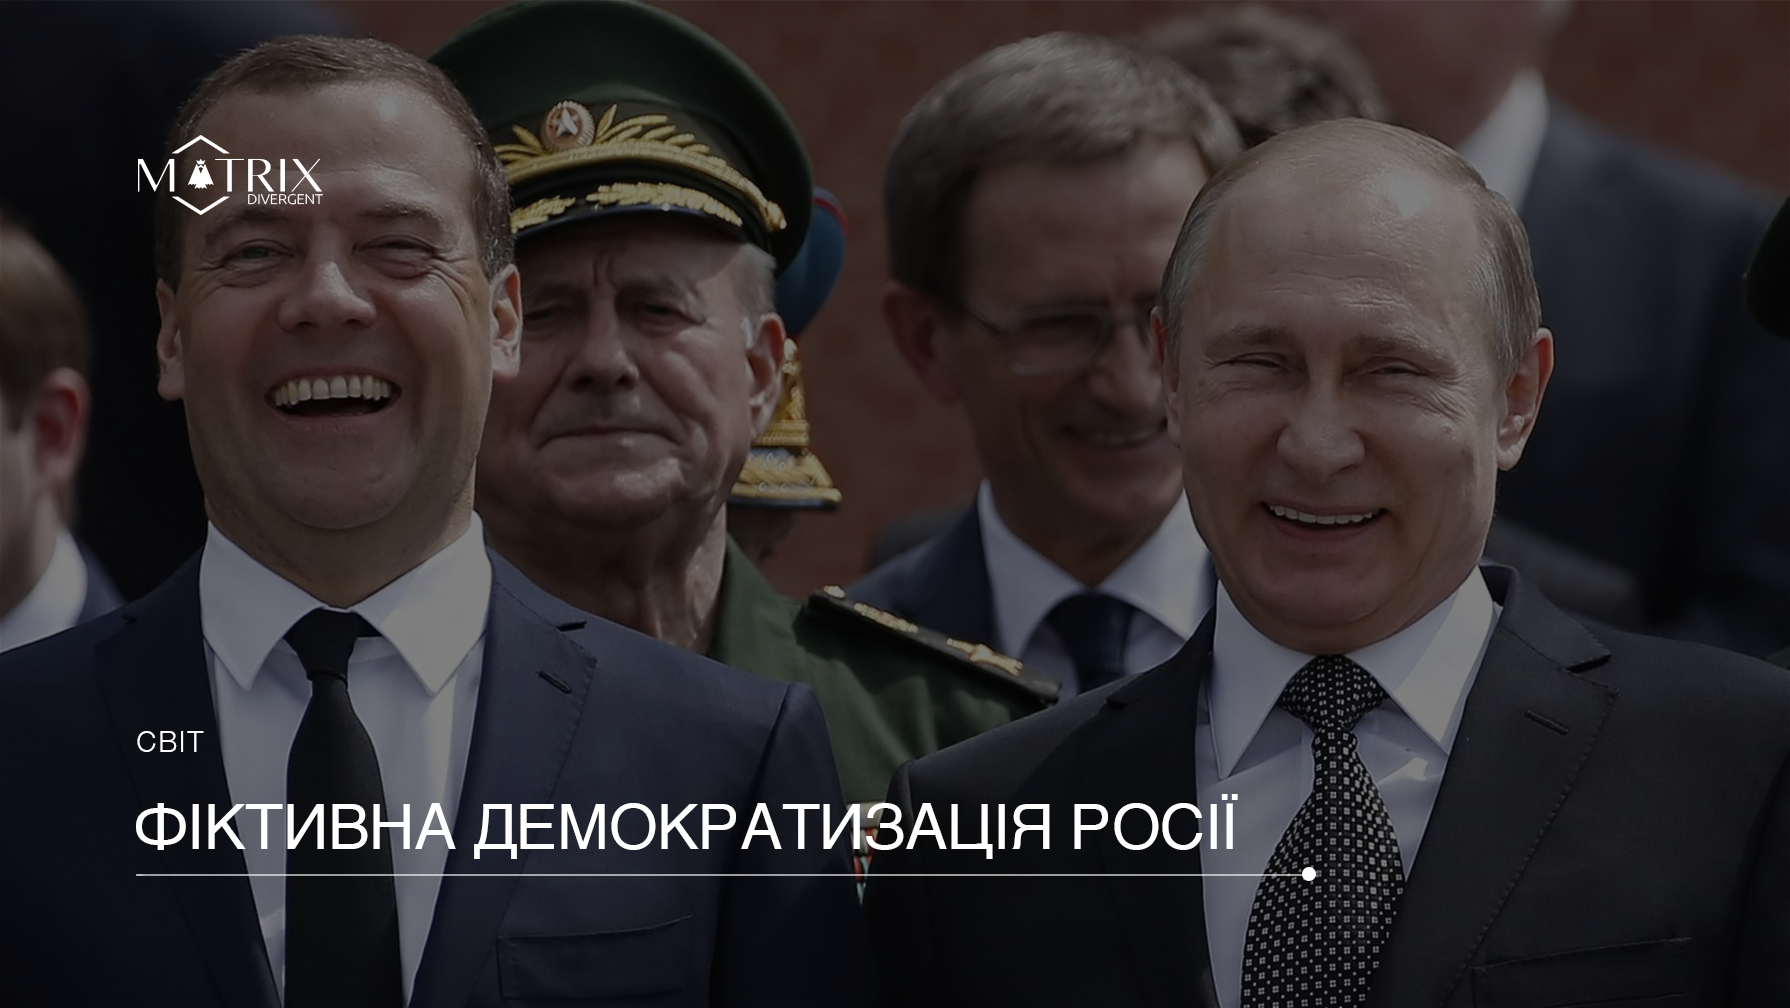 Зміни до Конституції РФ – демократизація чи авторитаризація політичного режиму Путіна?